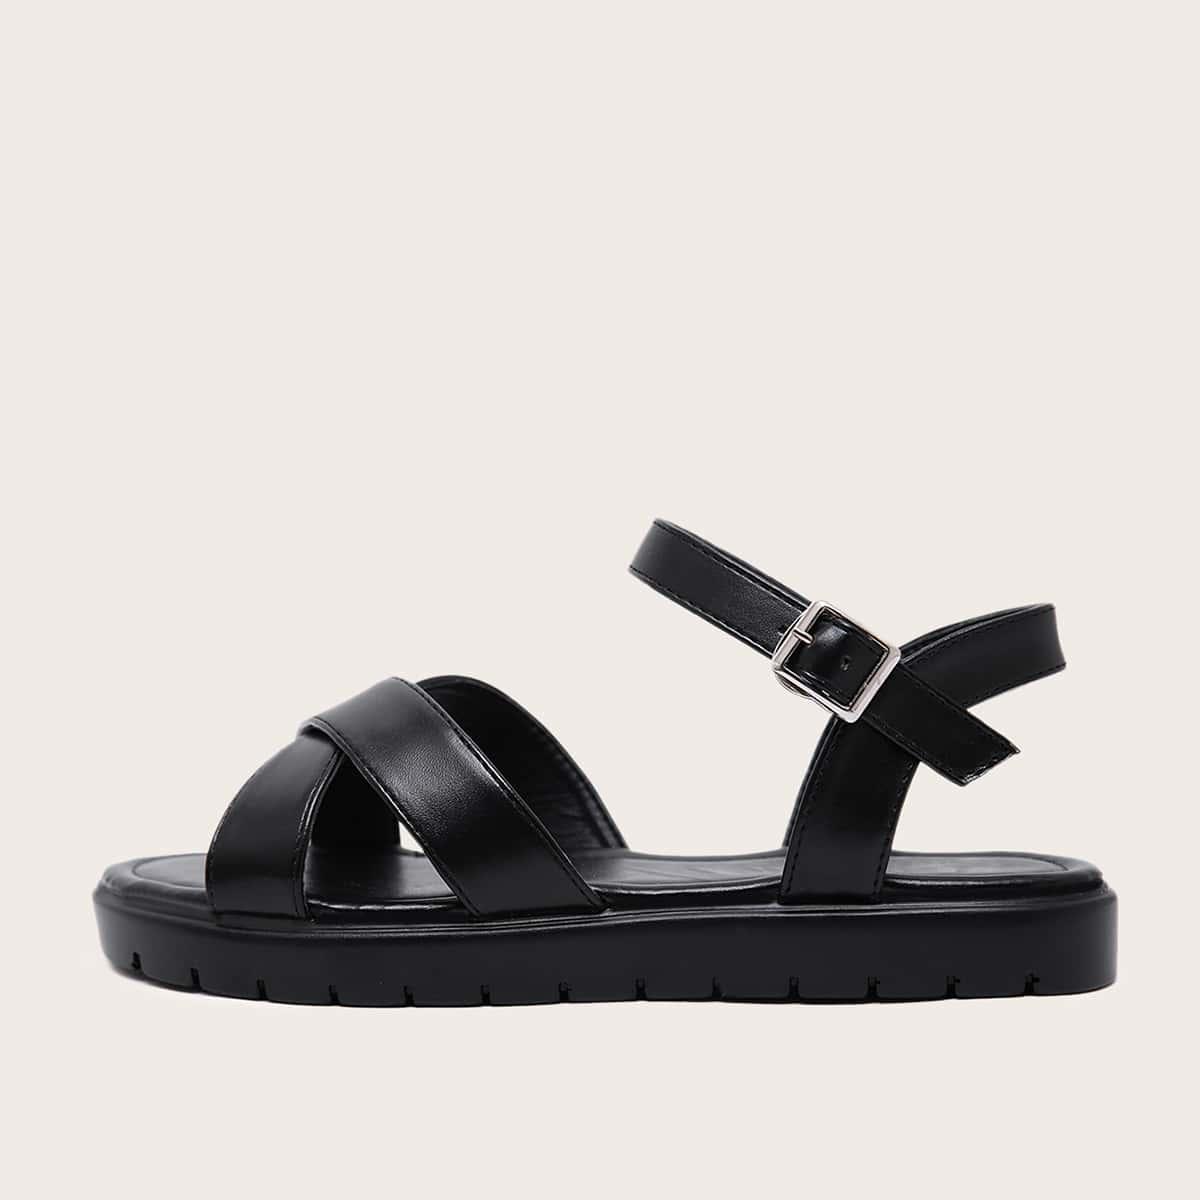 Sandalen met enkelbandje met kruisband